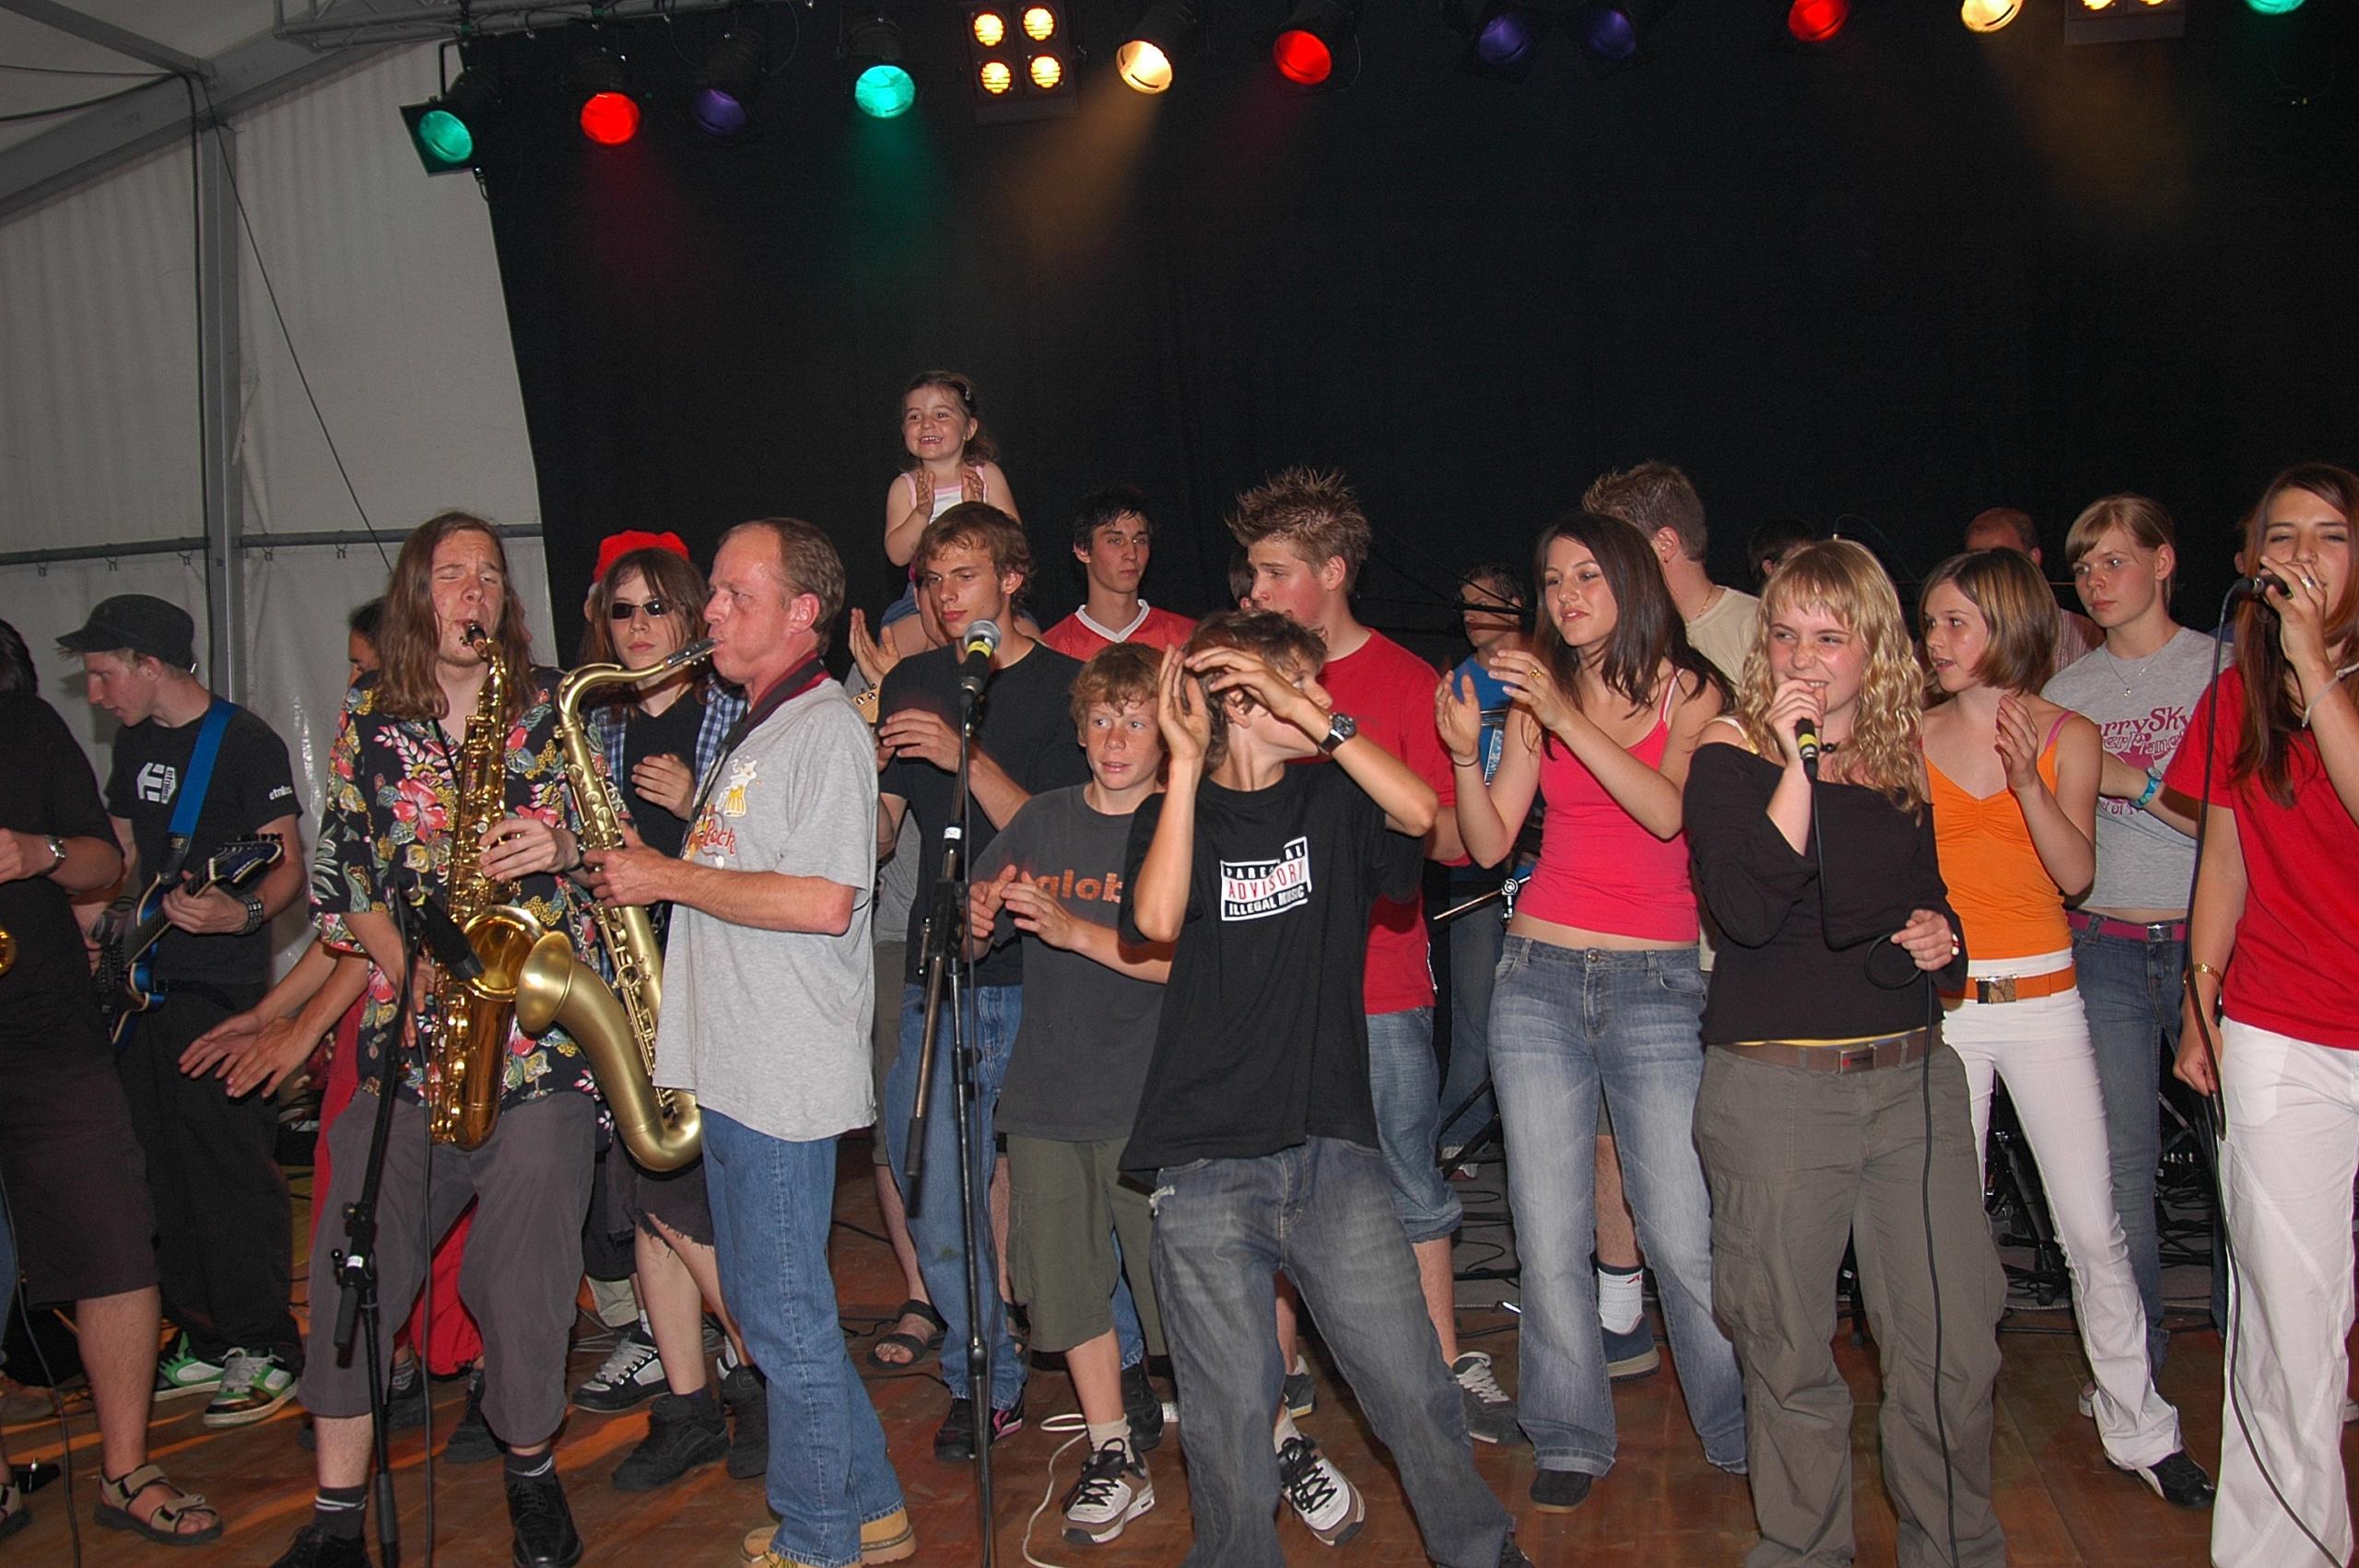 Concert et groupe de personnes